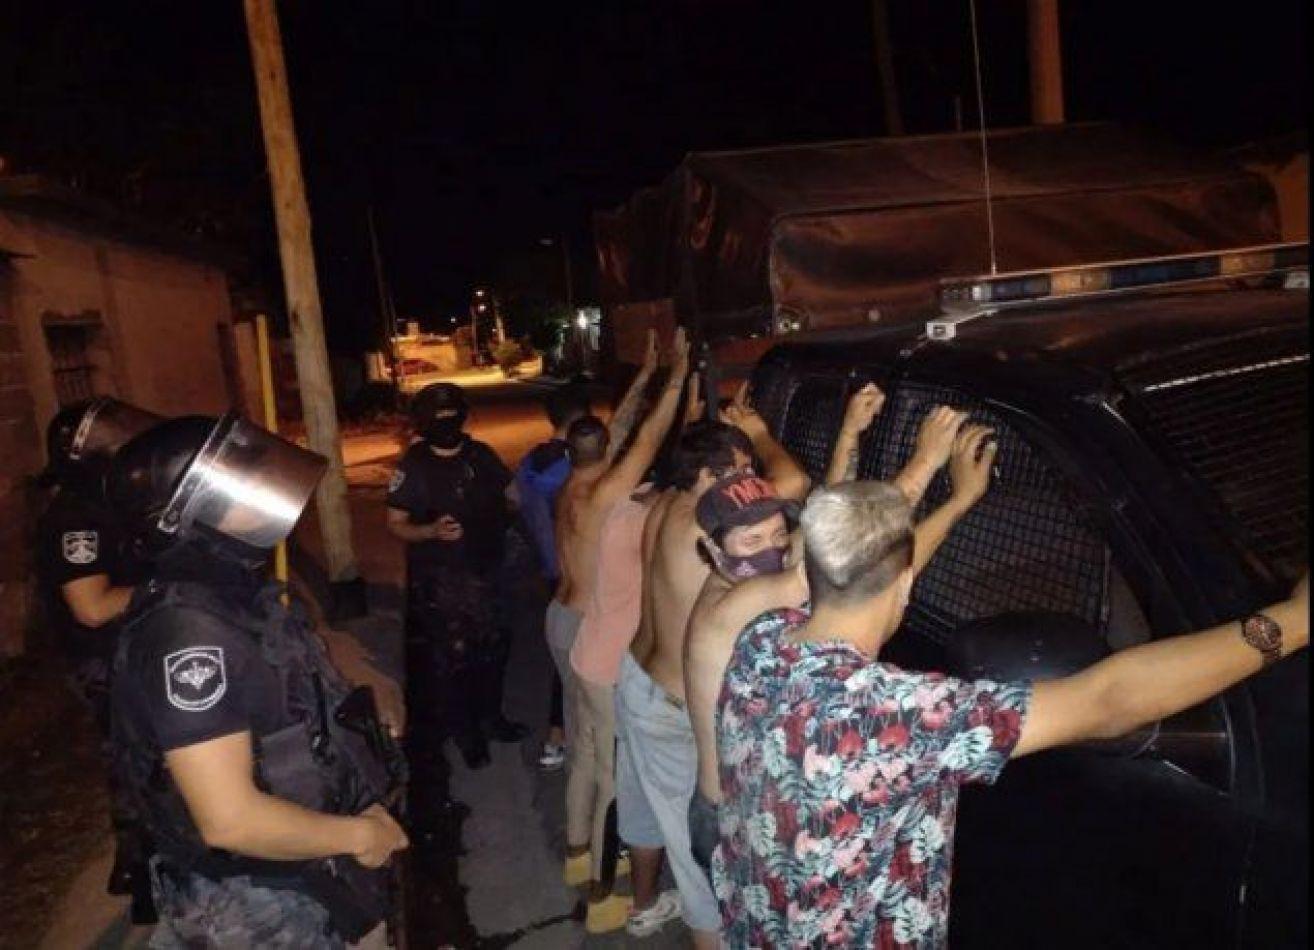 En Santa Fe multarán con 1 millón de pesos a quienes organicen fiestas clandestinas